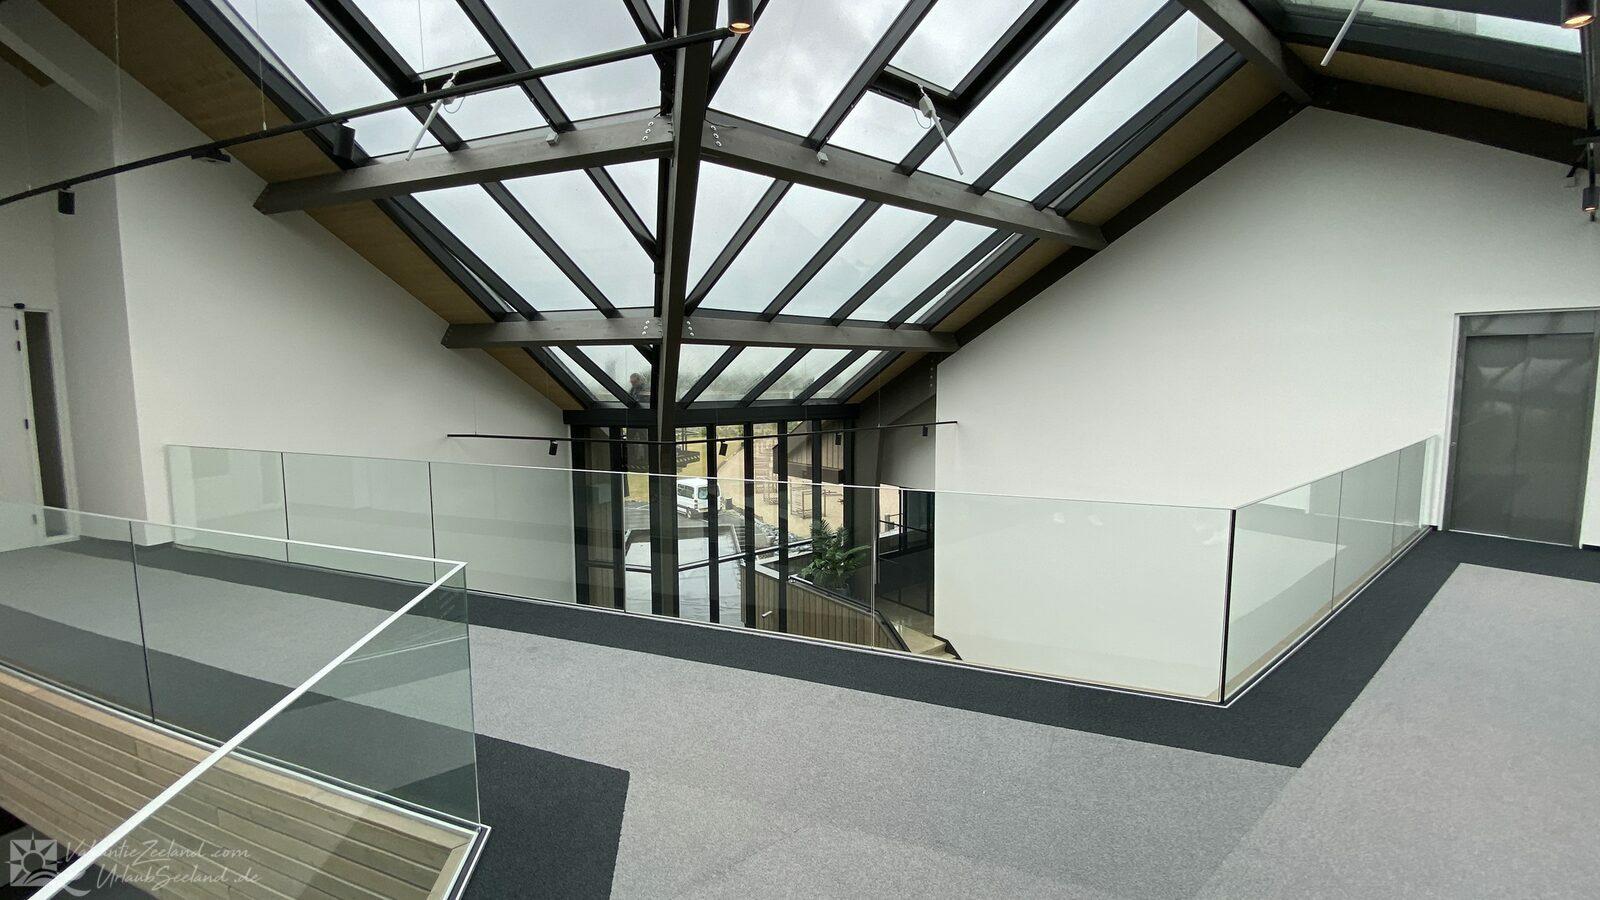 VZ865 Studio in Tholen